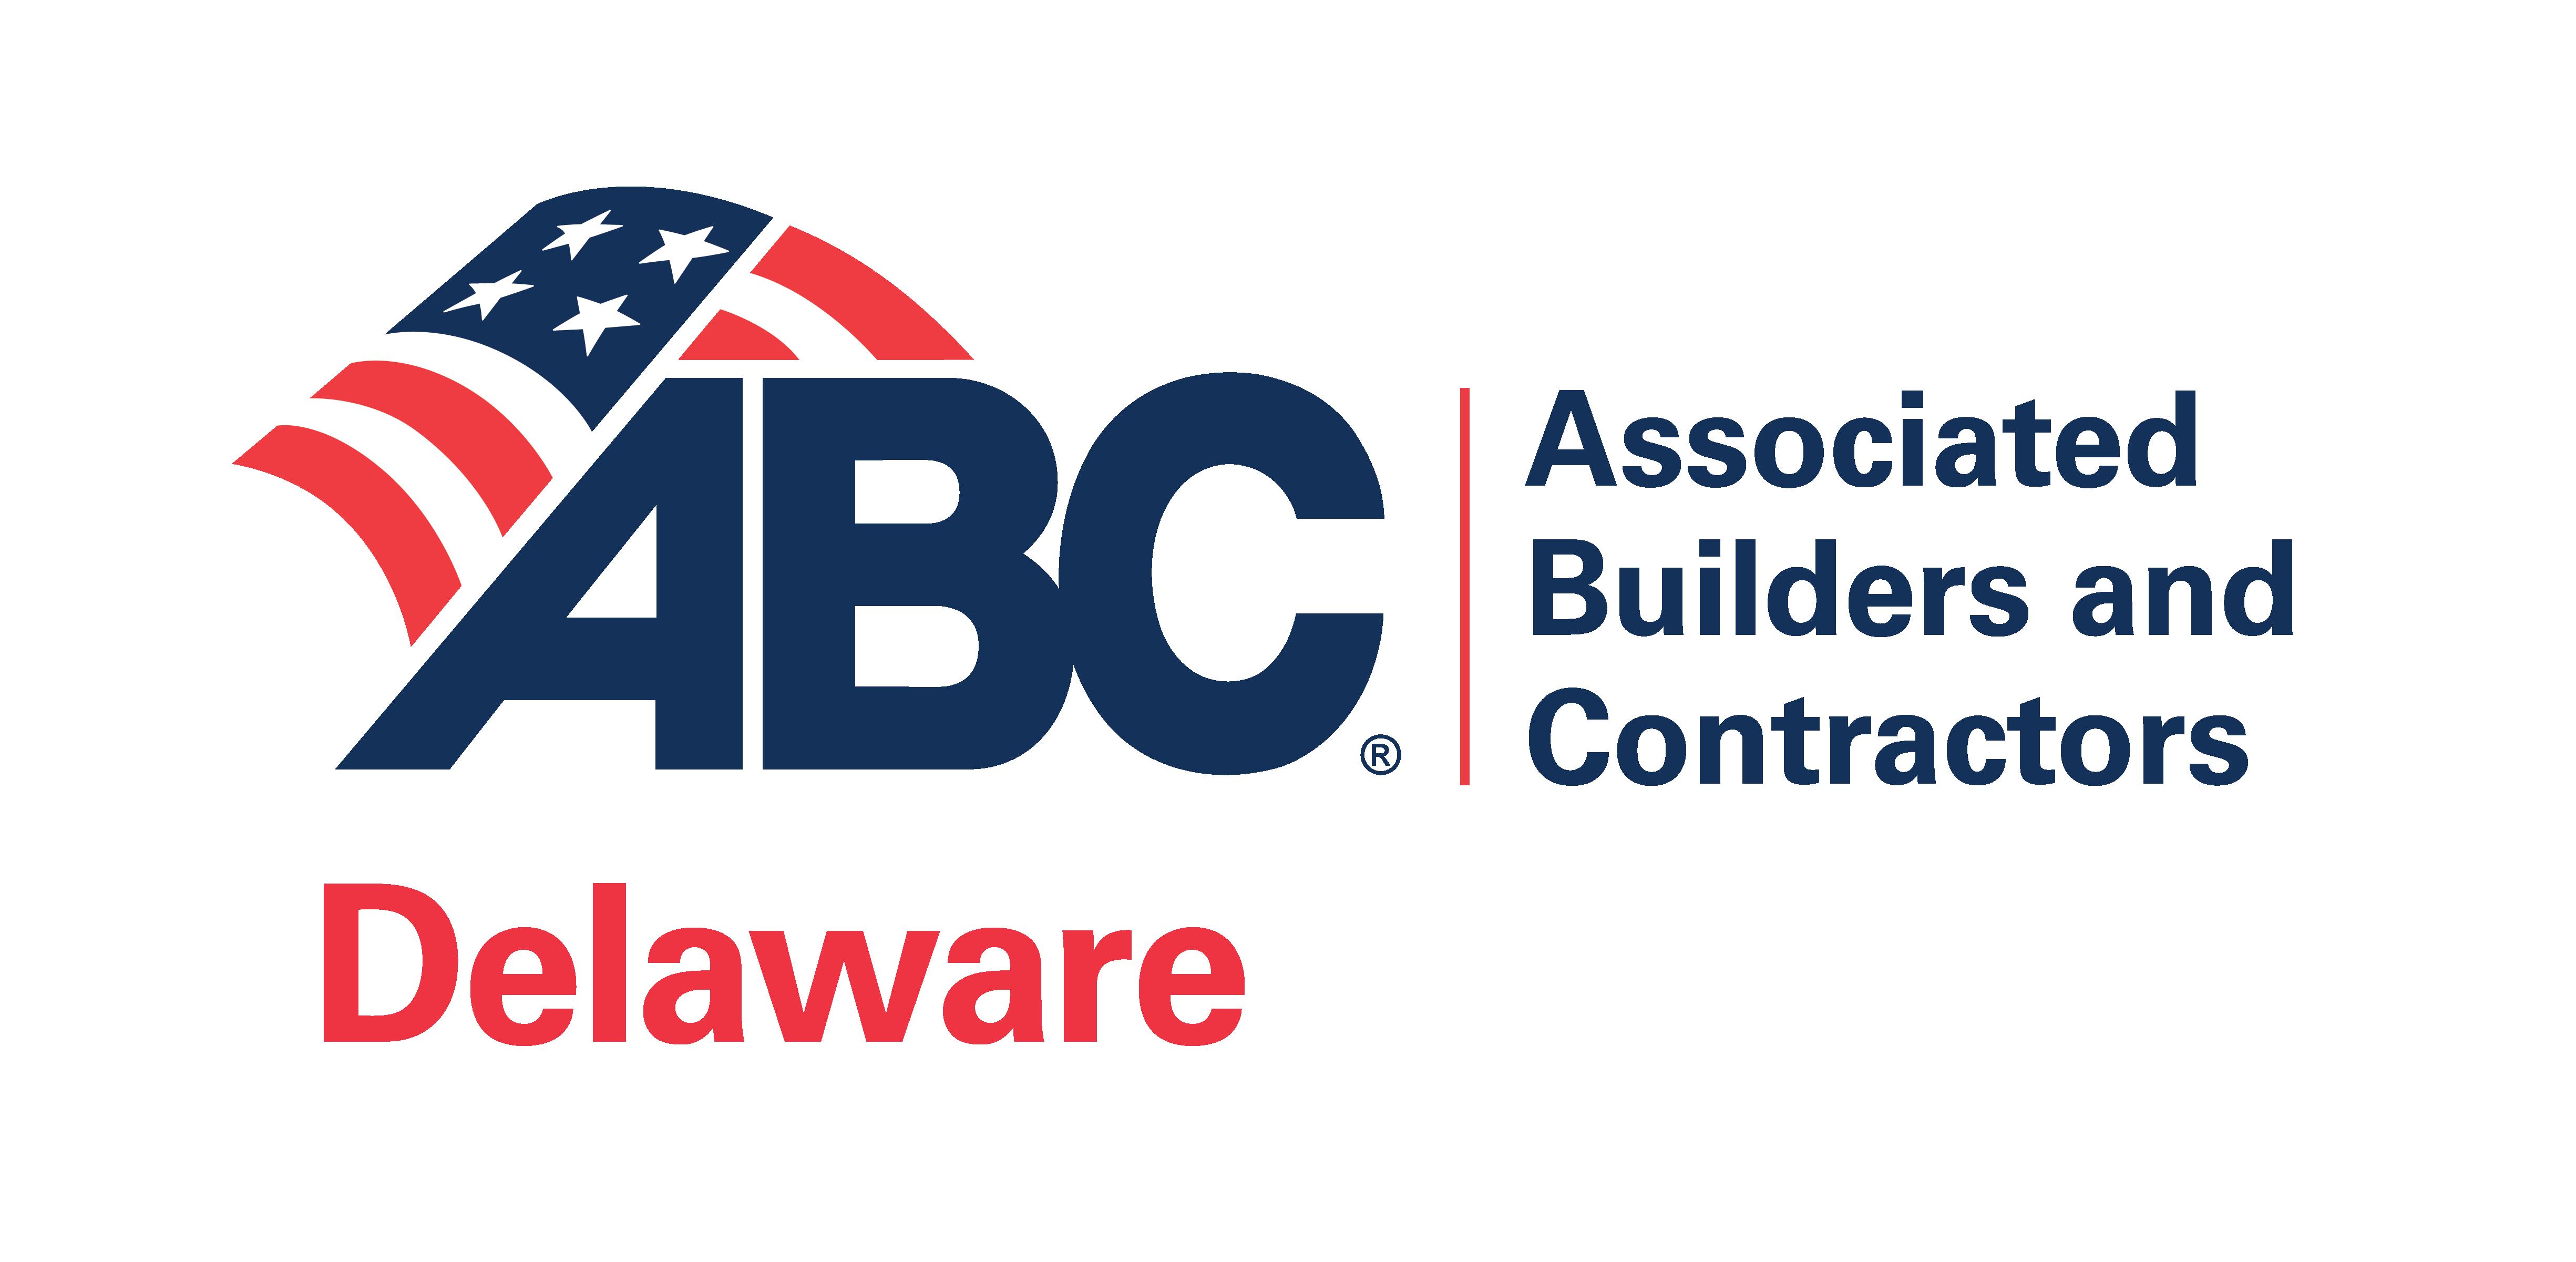 ABC Delaware